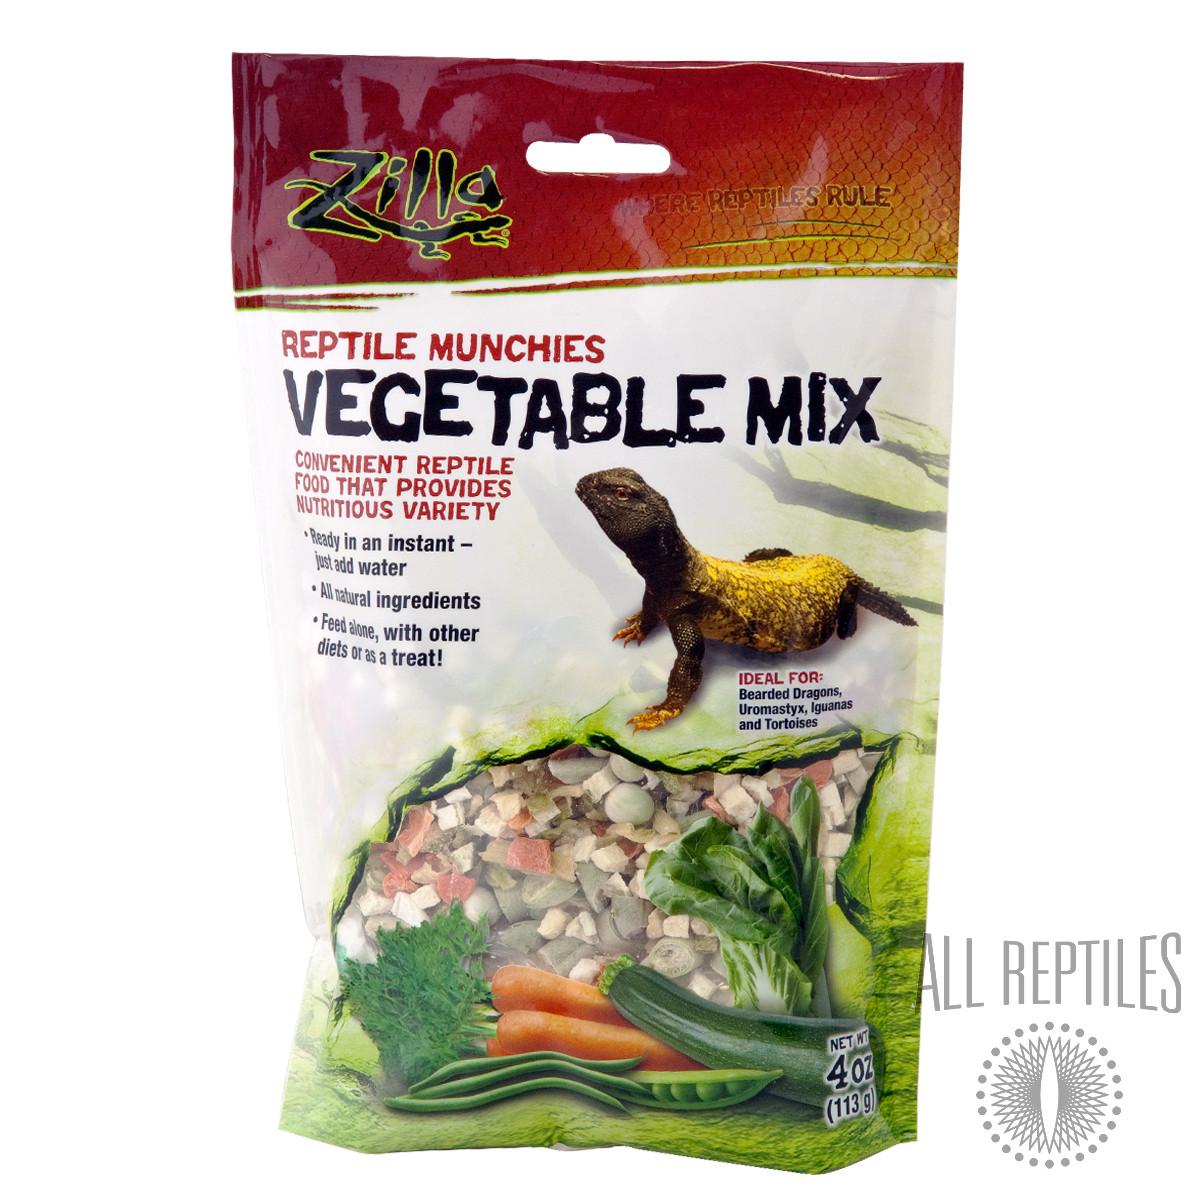 RZilla Vegetable Mix